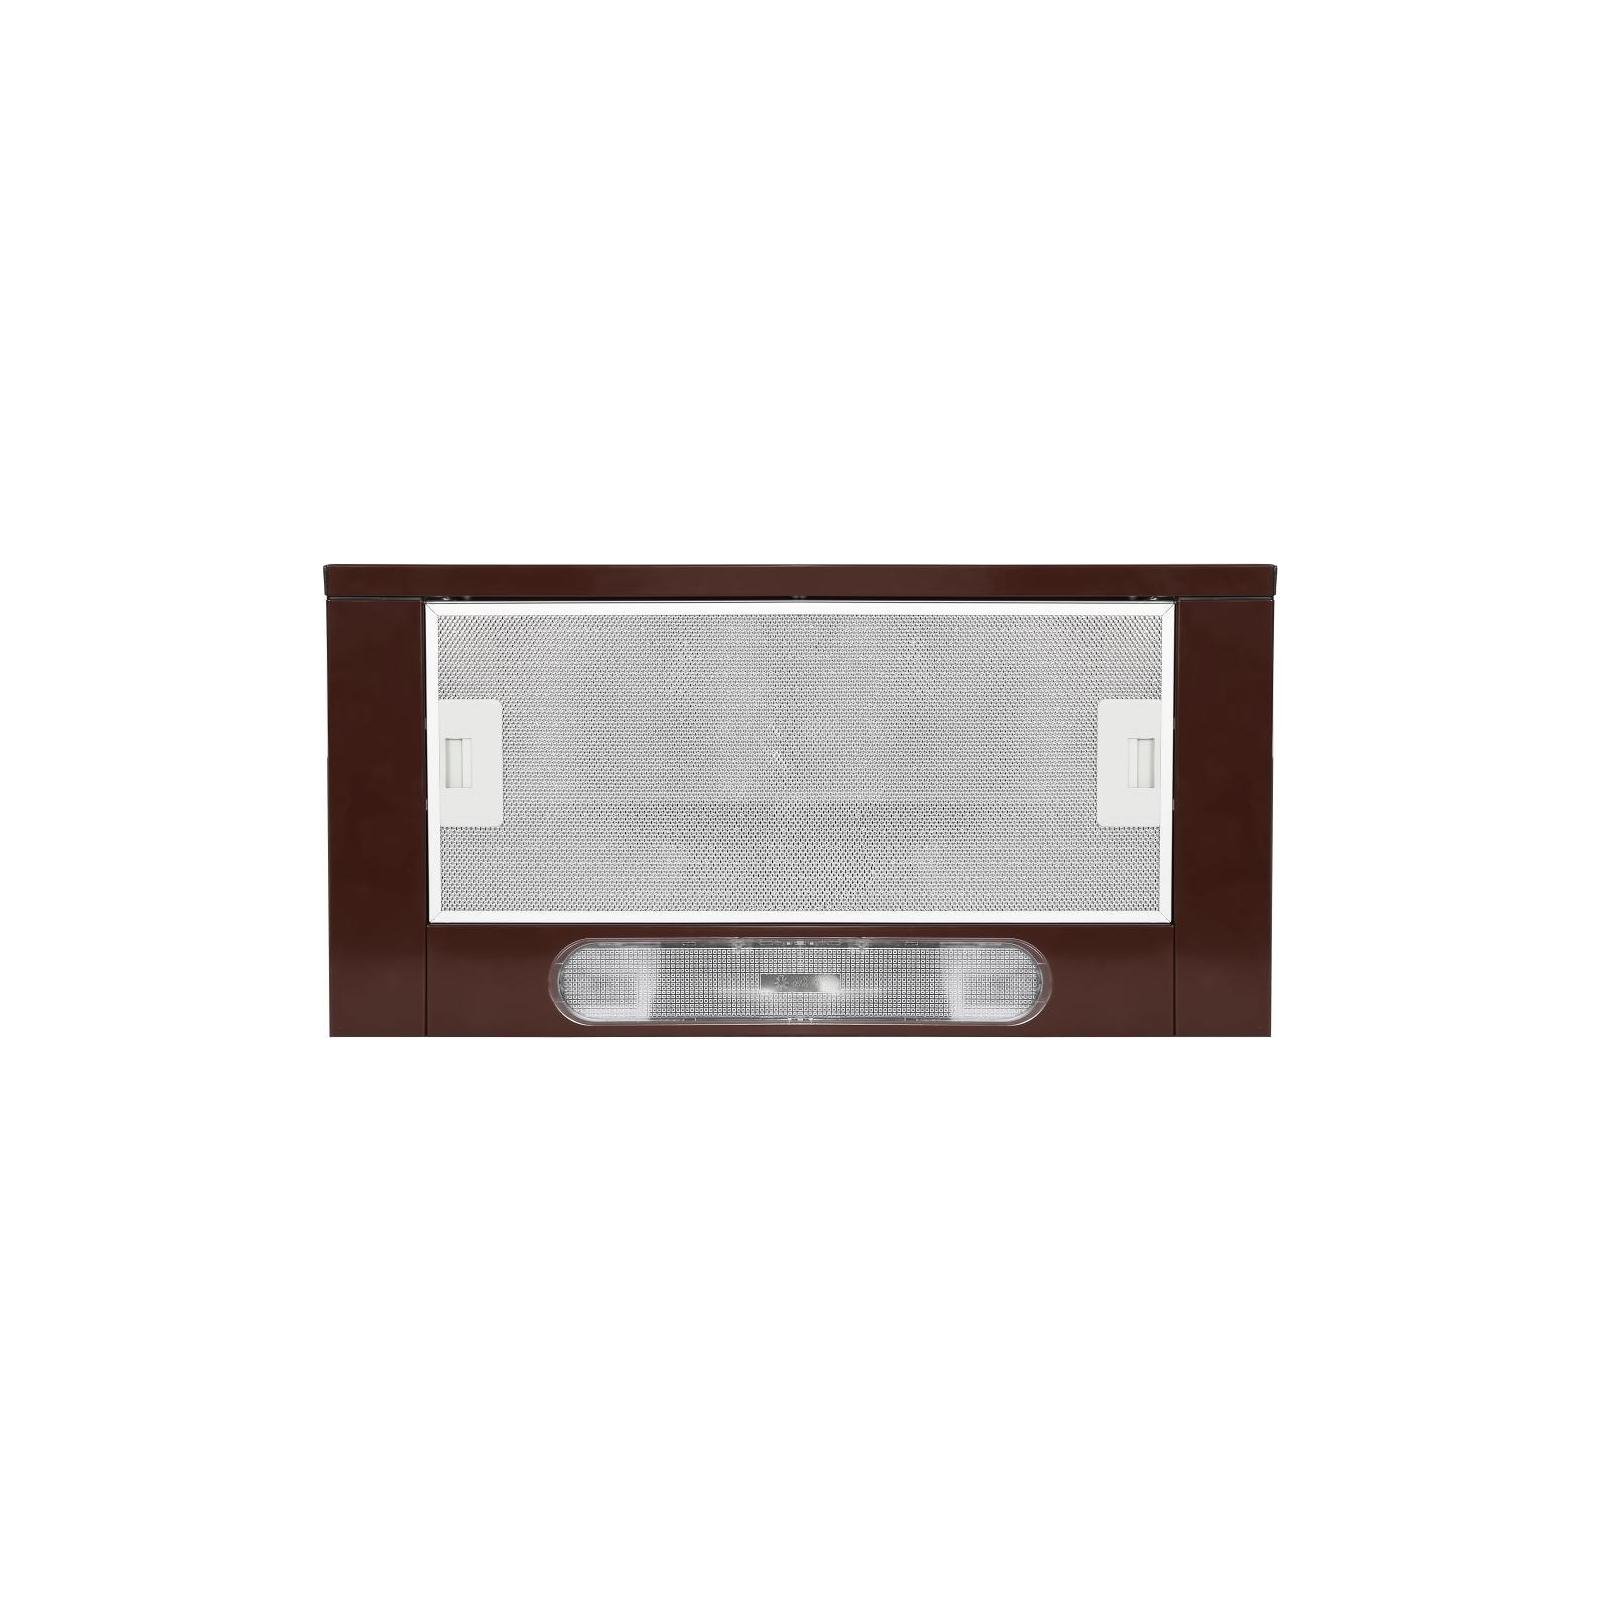 Вытяжка кухонная MINOLA HTL 6010 BR 430 изображение 3